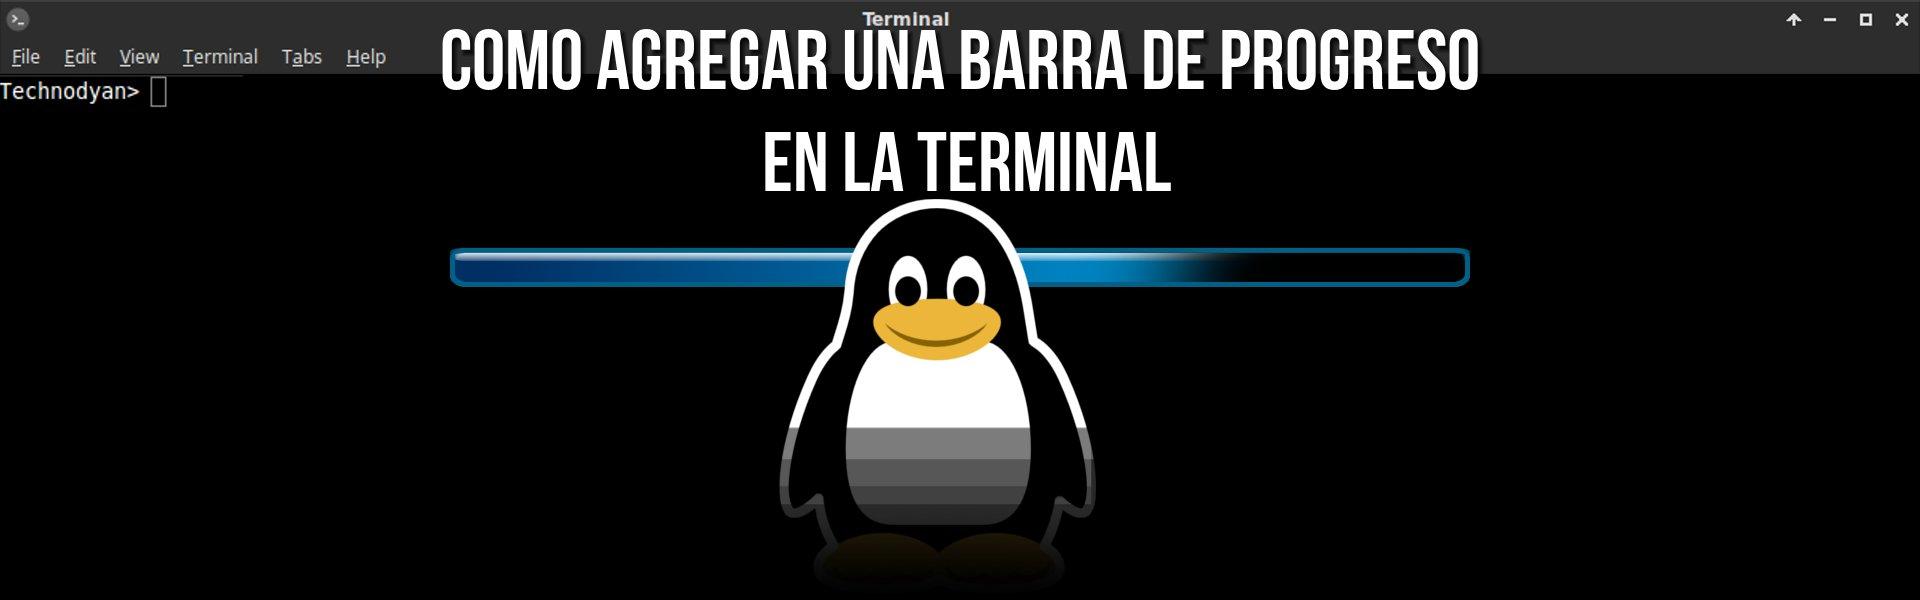 Barra de progreso Linux